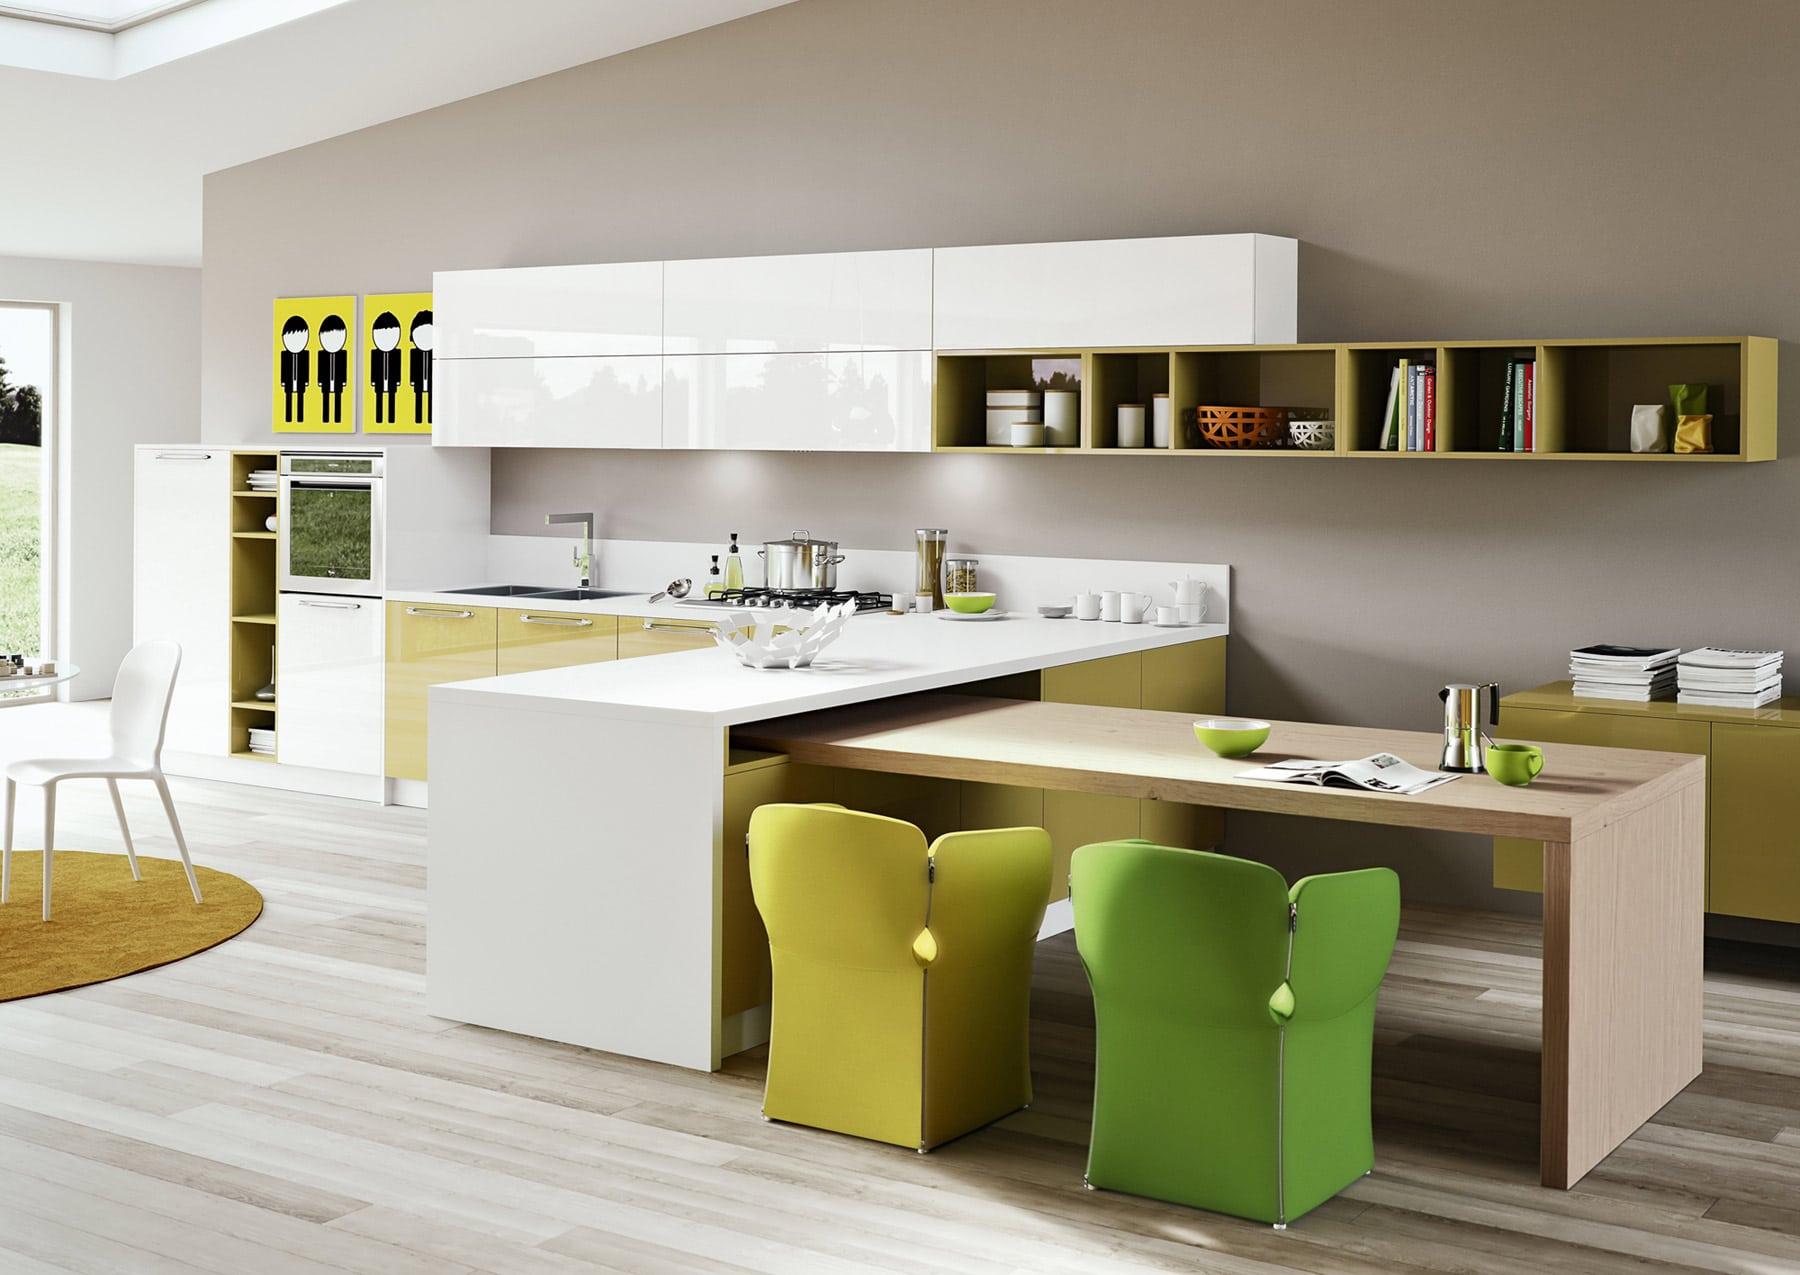 Diseño de cocinas modernas al estilo arte pop   Construye Hogar